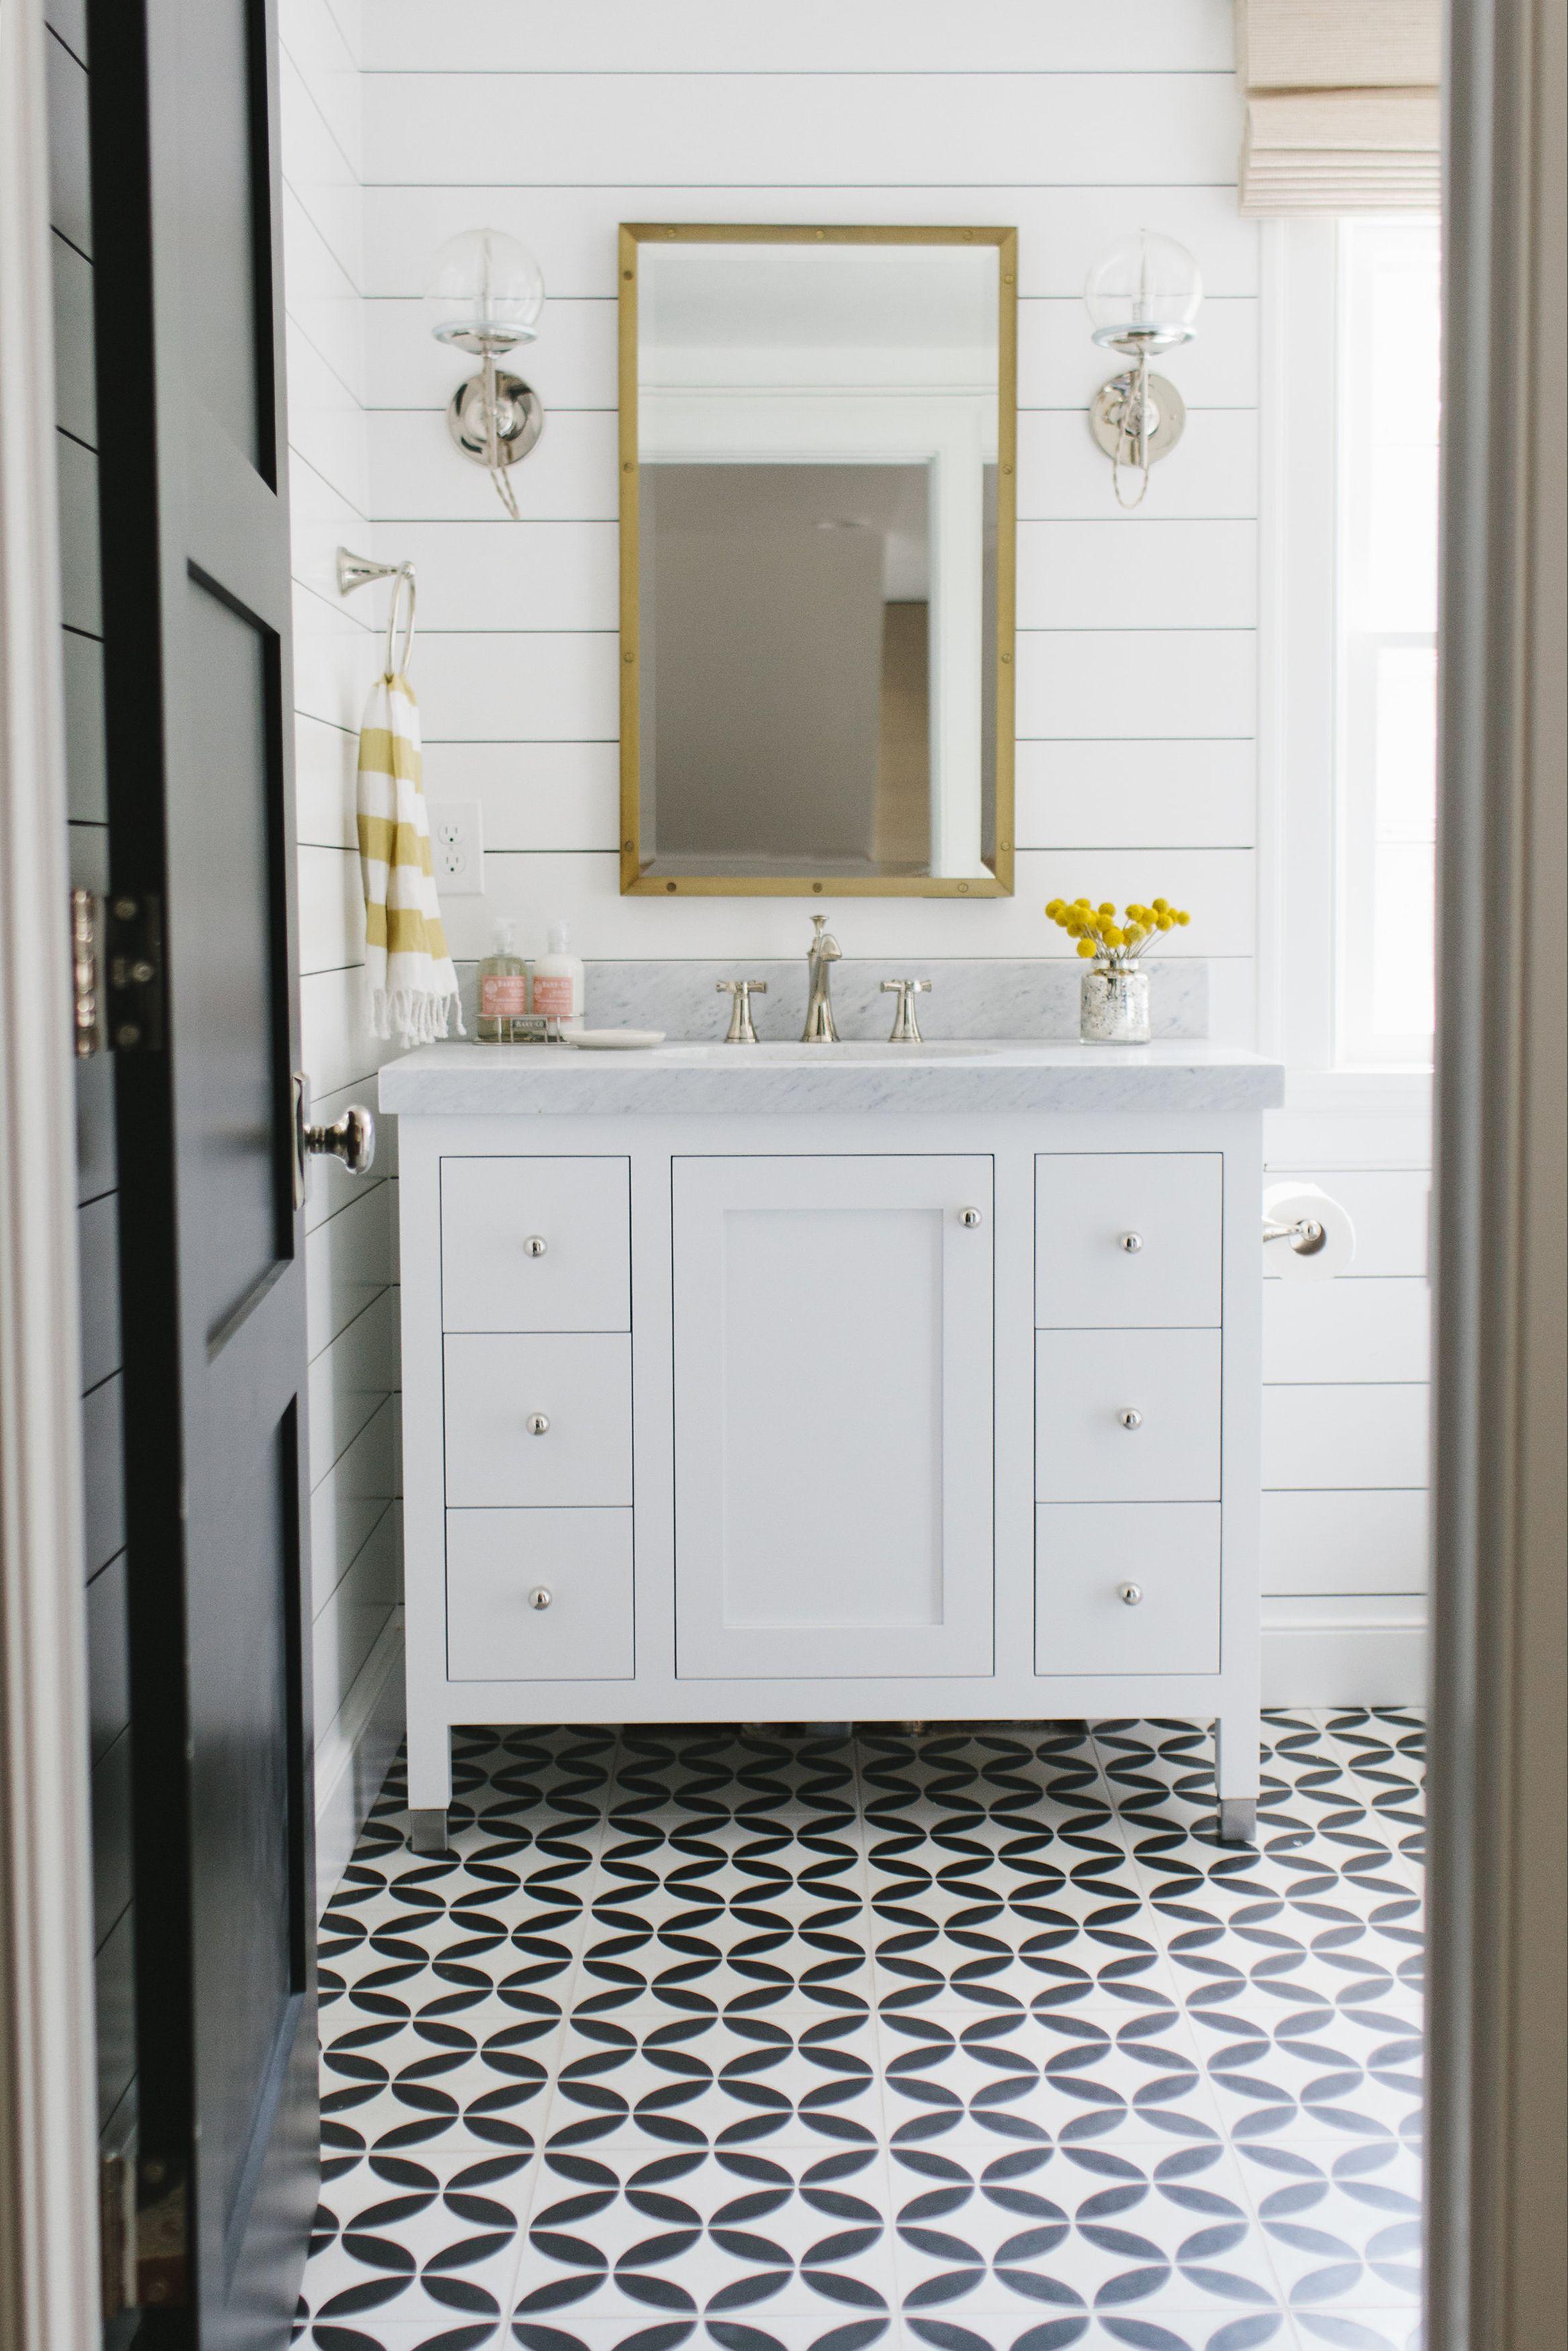 Lynwood Remodel: Guest Bathroom | bathroom | Pinterest | Studio ...